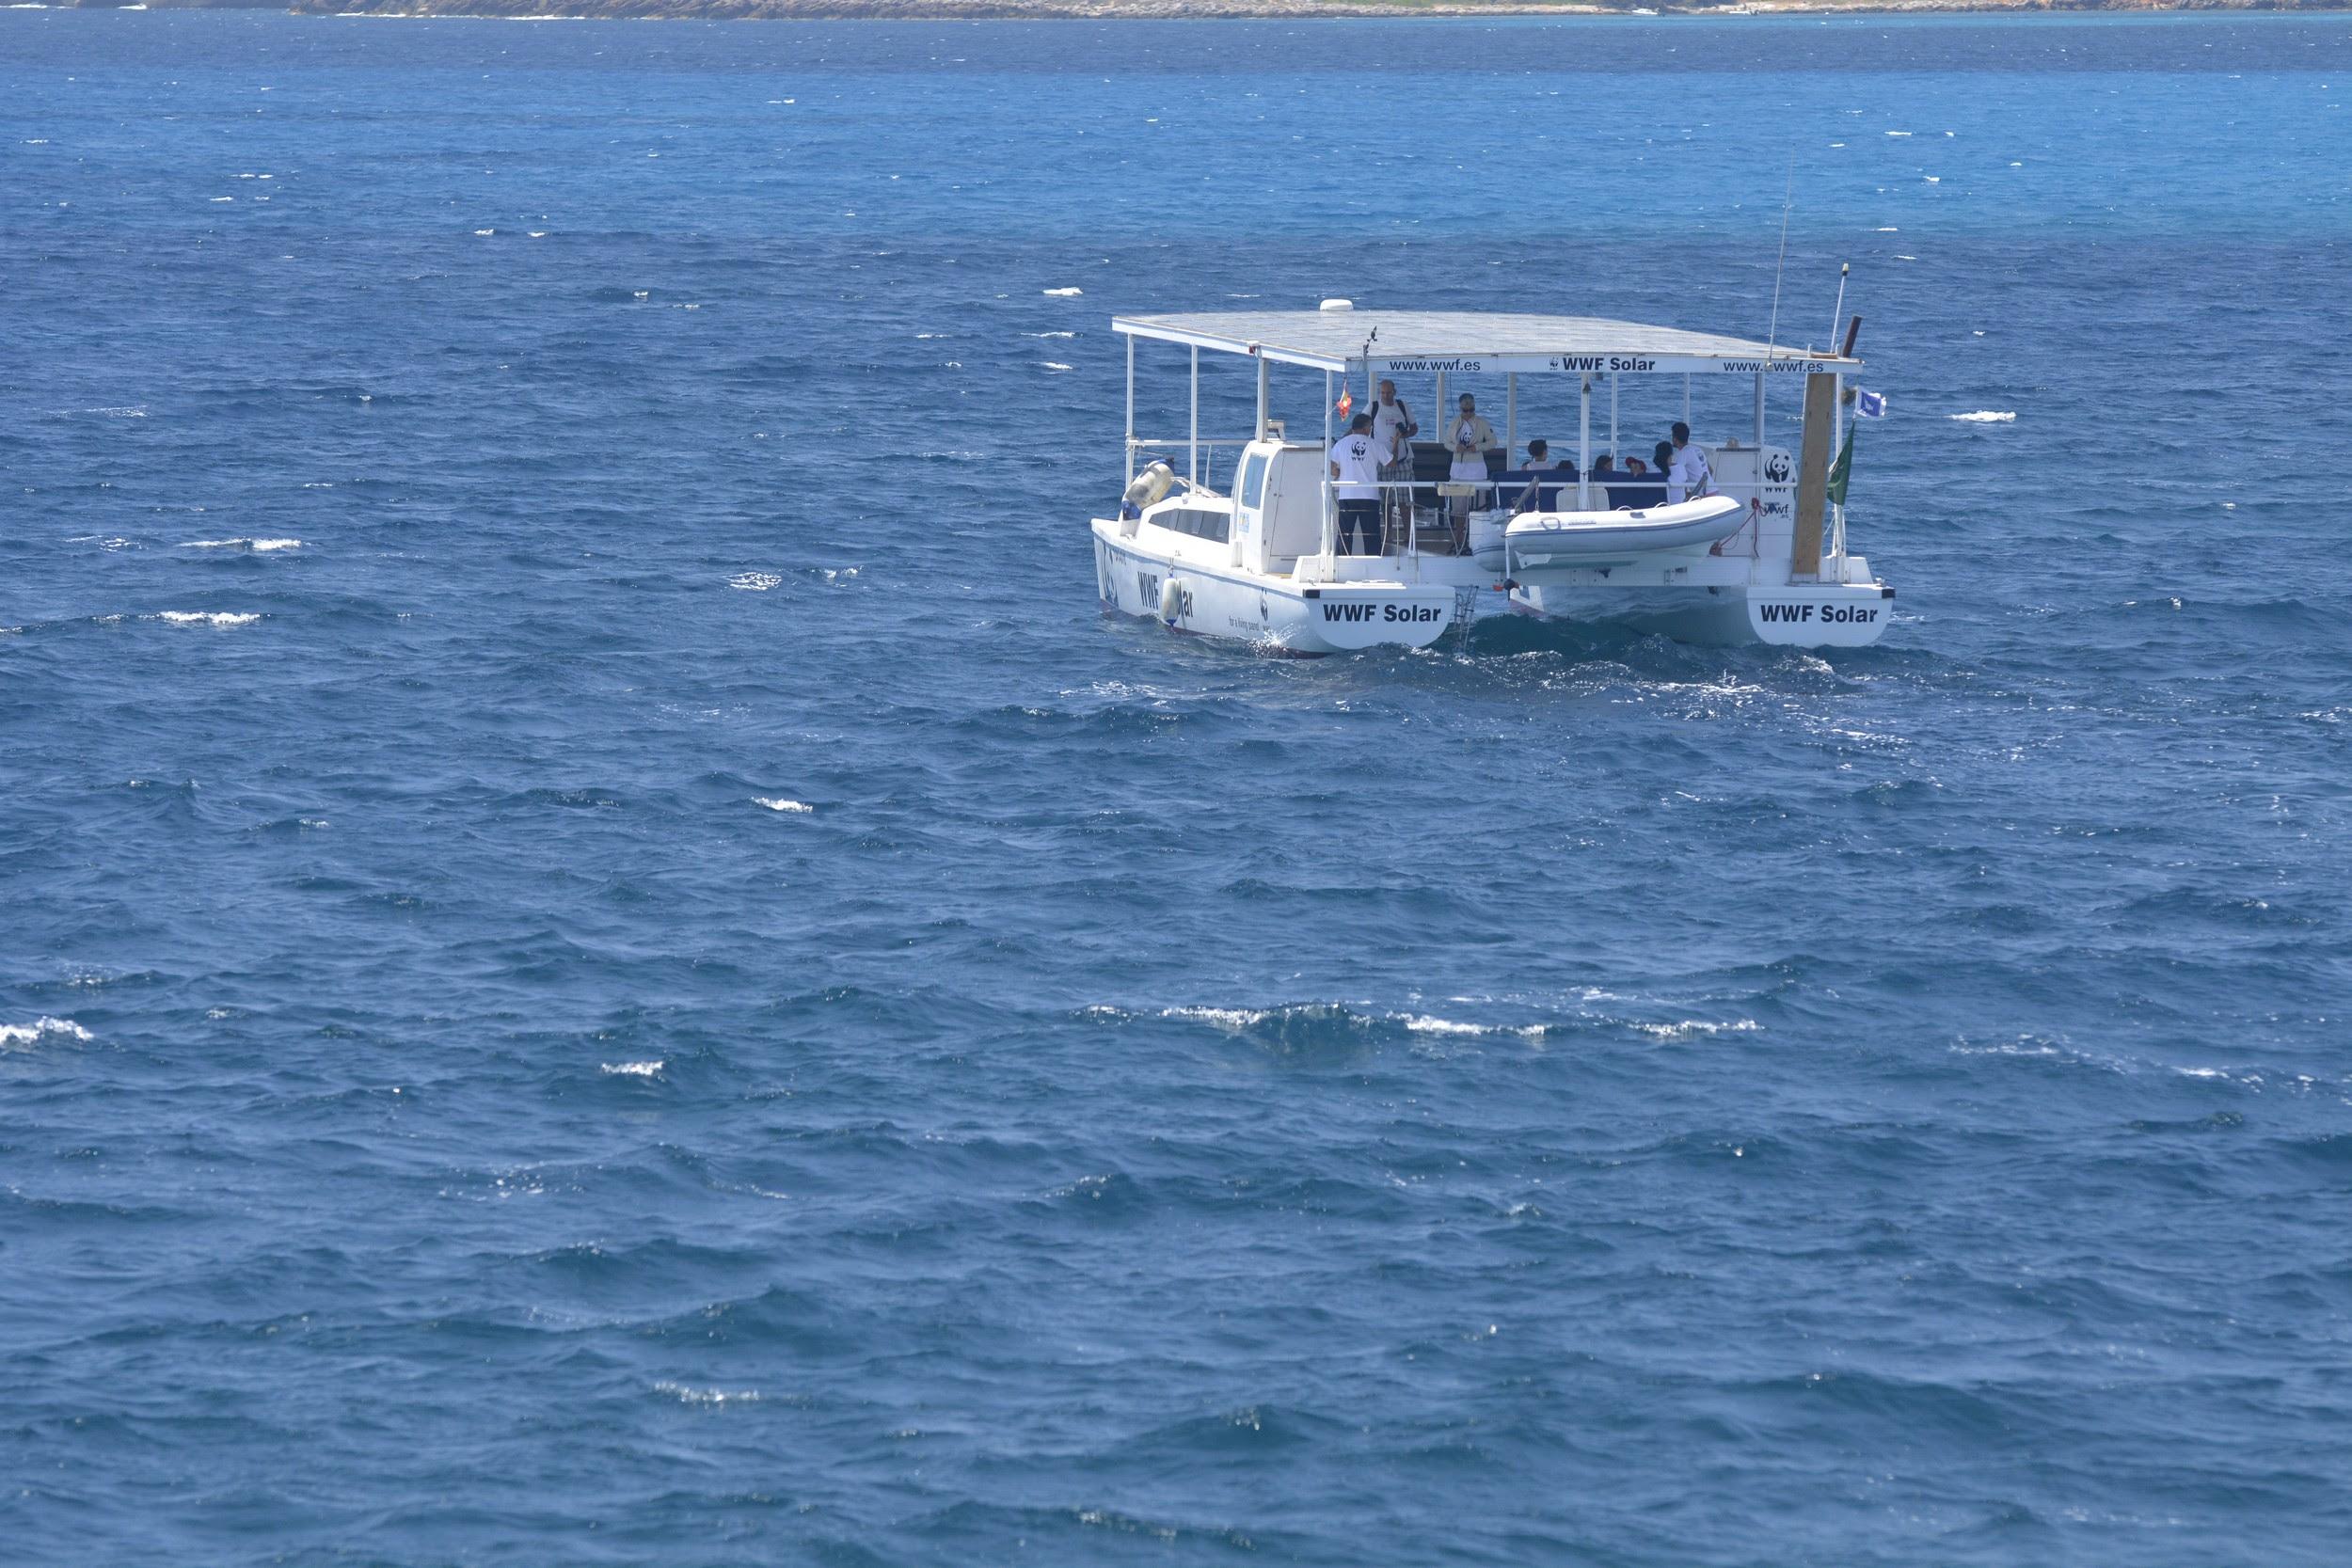 El catamarán de la campaña 'Embárcate con el WWF Solar' ya está otro año más en marcha. Imagen: WWF